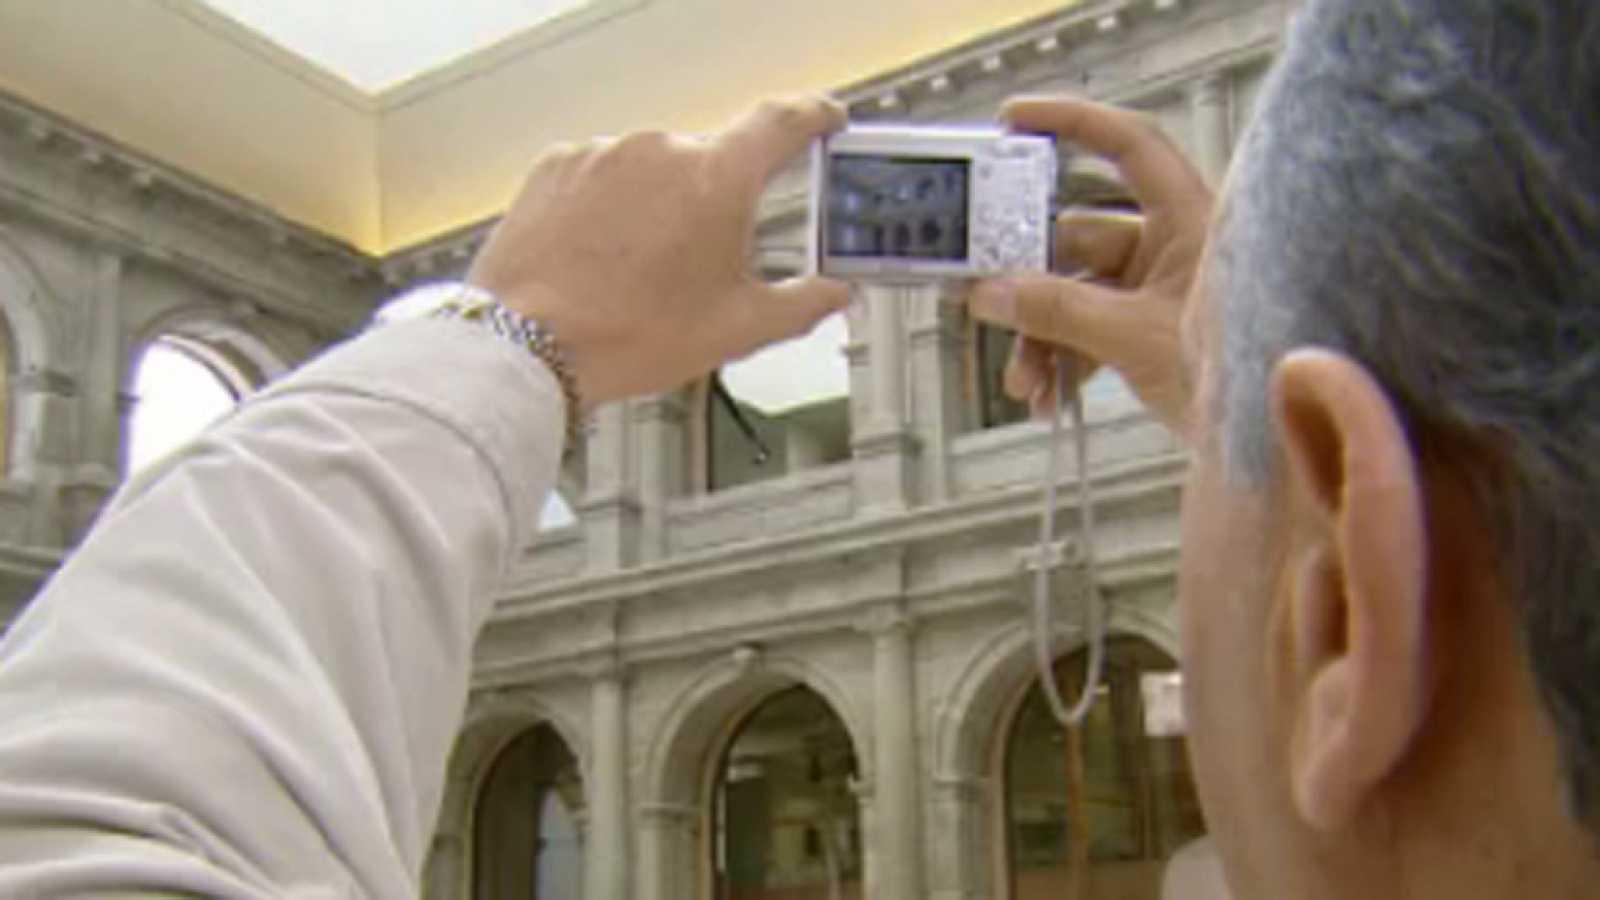 La ampliación del Museo del Prado - 28/4/2007